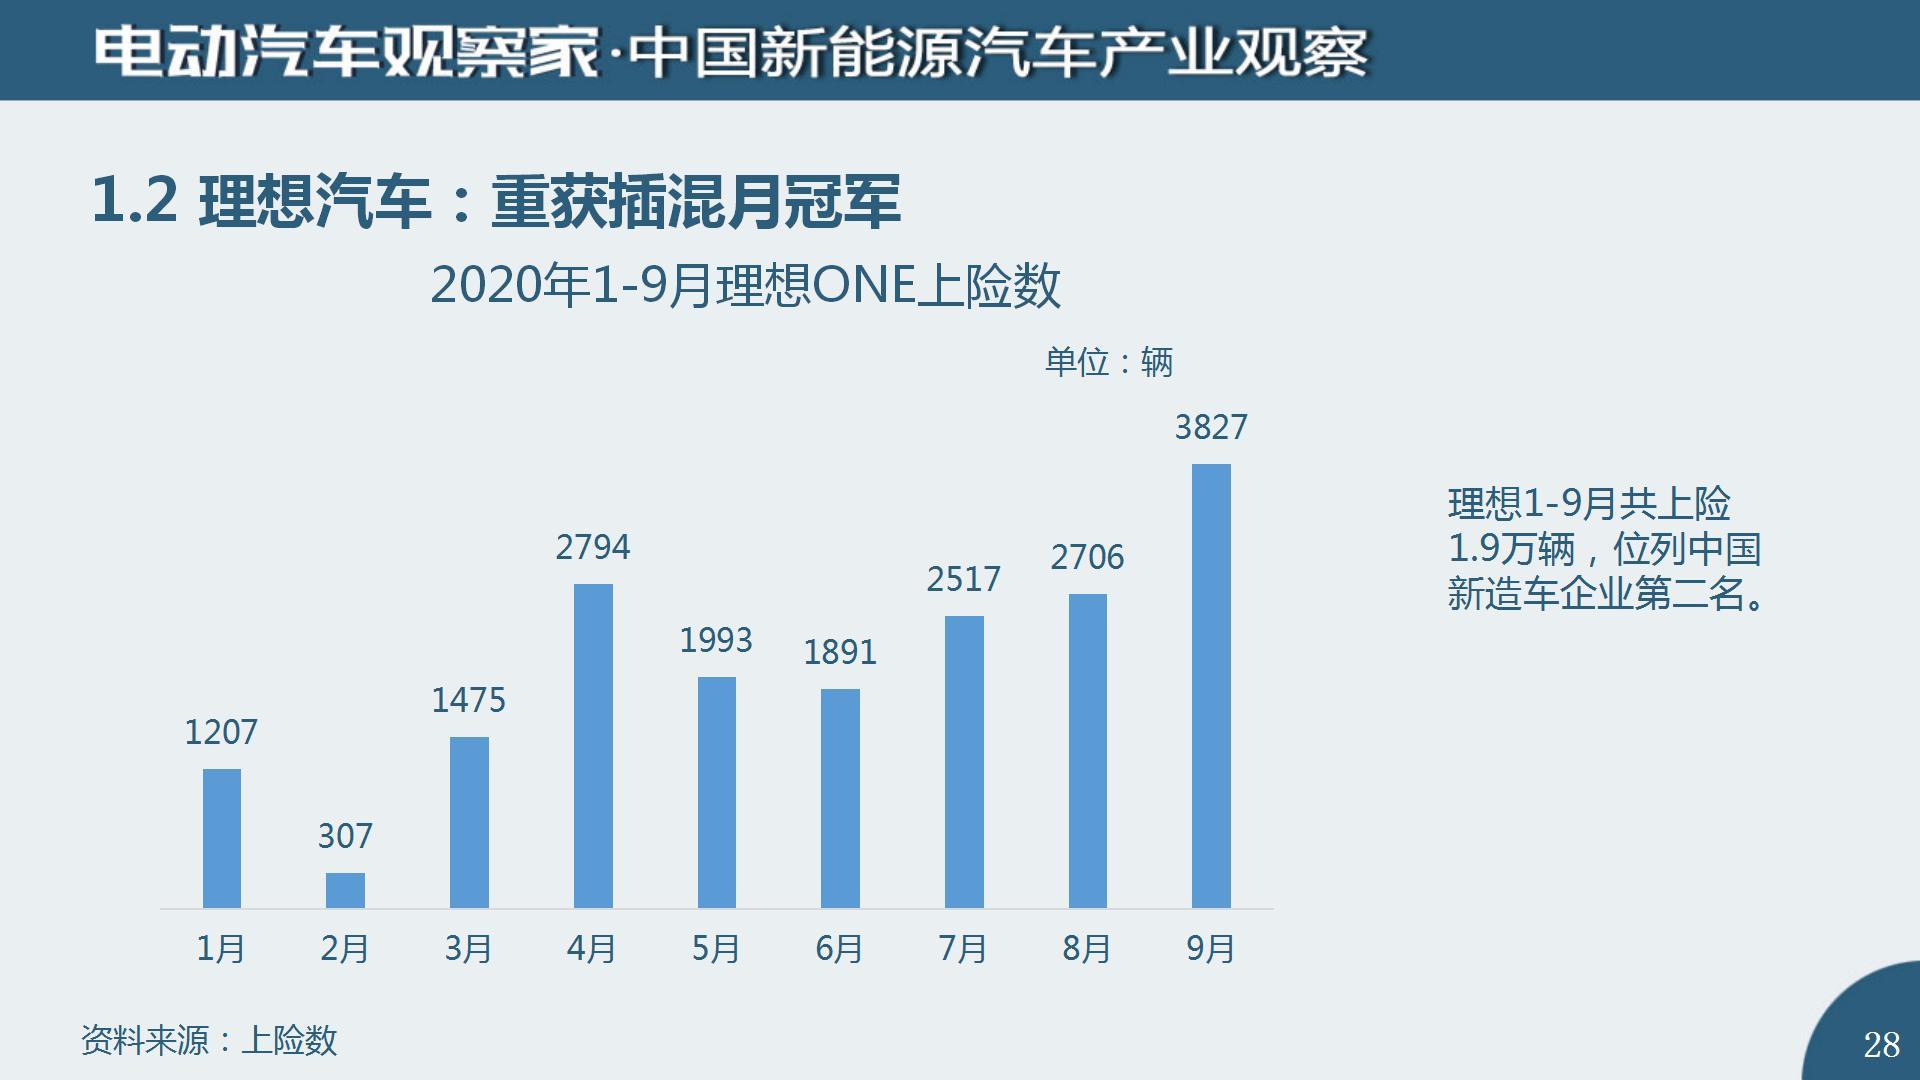 中国新能源汽车产业观察2020年9月(2)_28